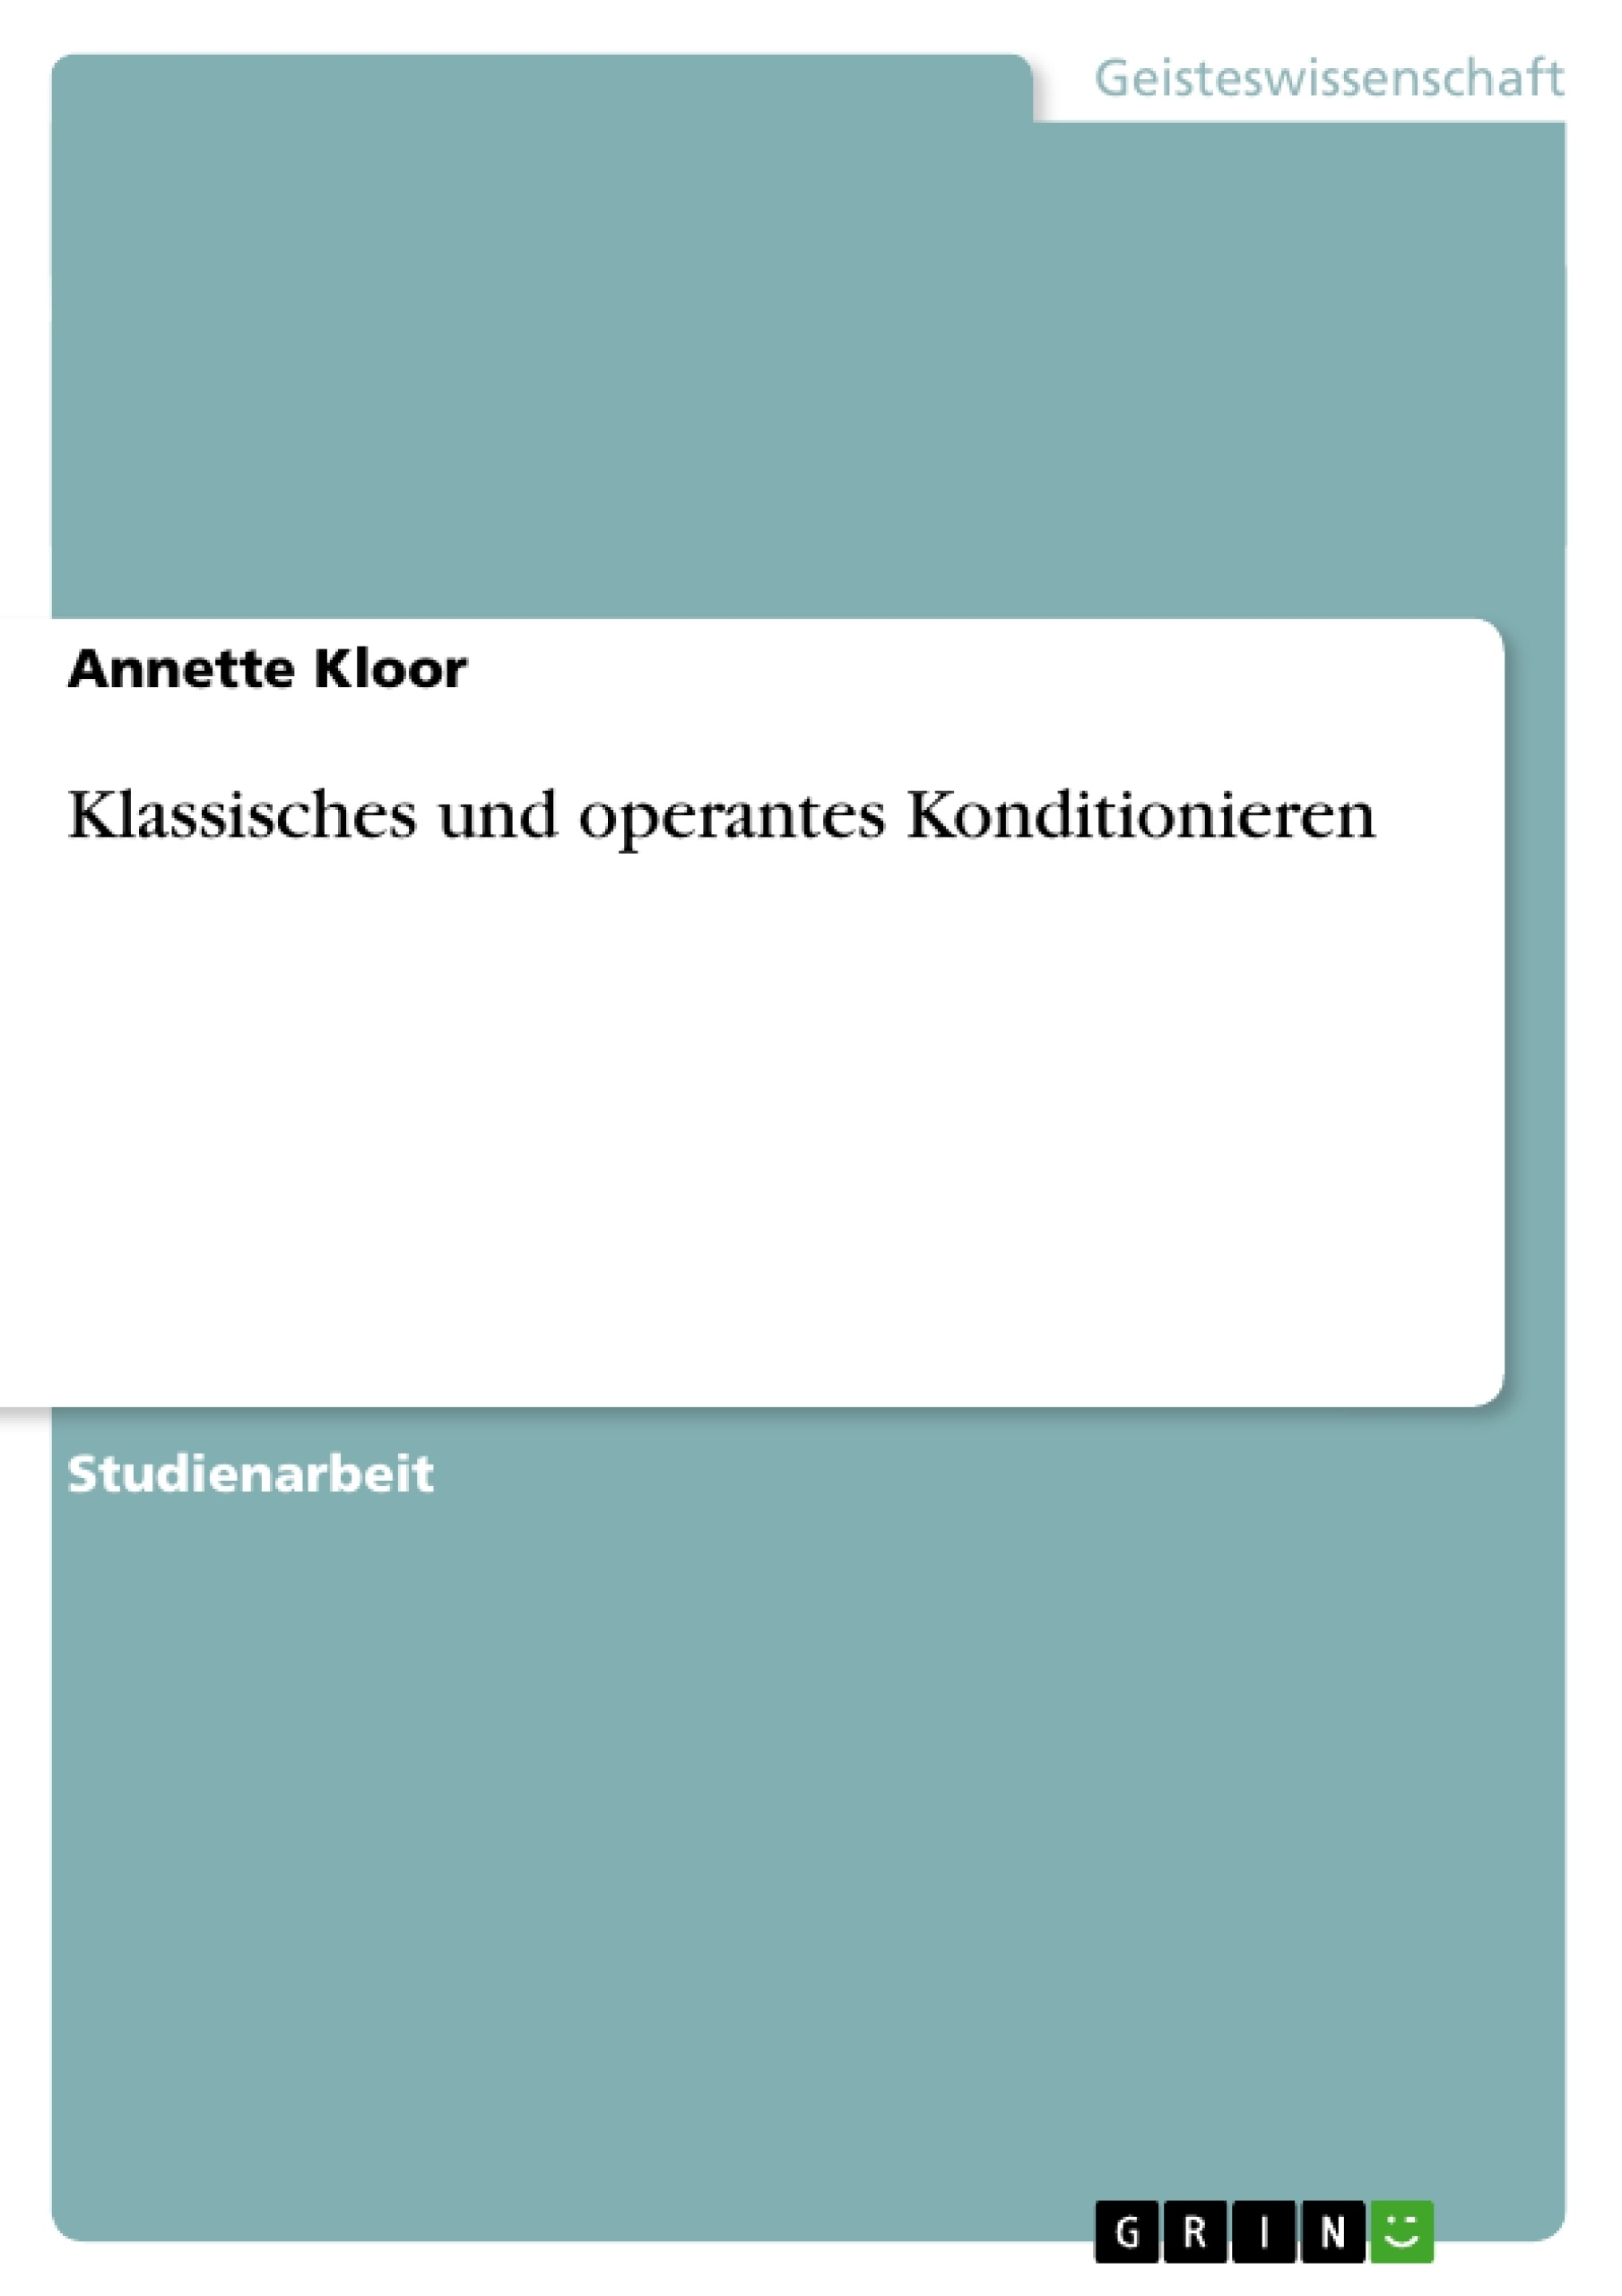 Titel: Klassisches und operantes Konditionieren